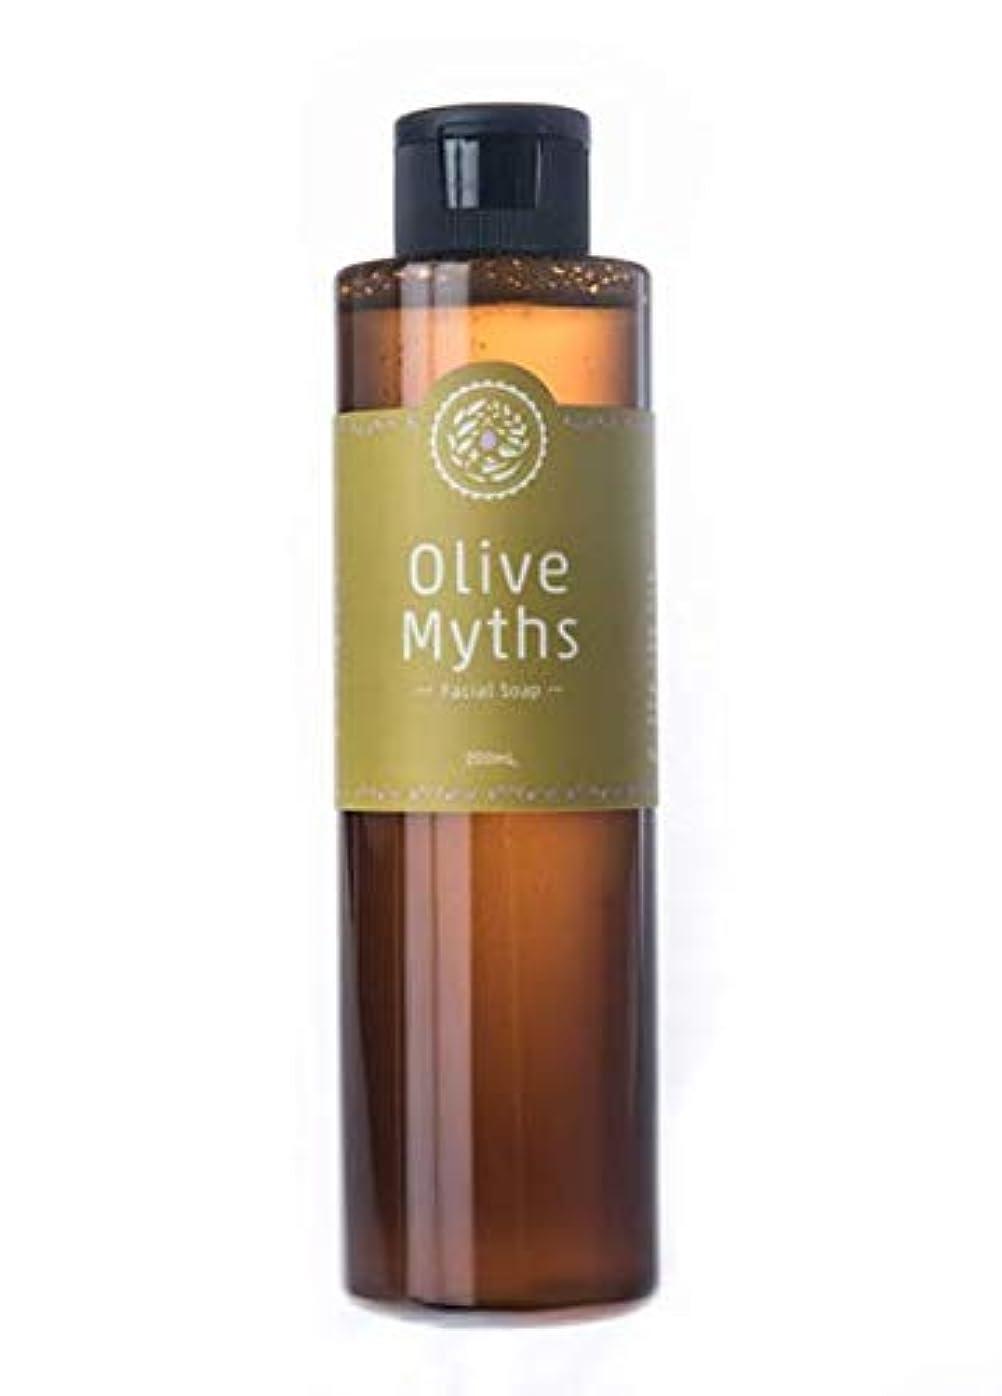 悪魔岩アライアンスmaestria. OliveMyths 『Olive Myths フェイシャルソープ』200ml MJOM-002